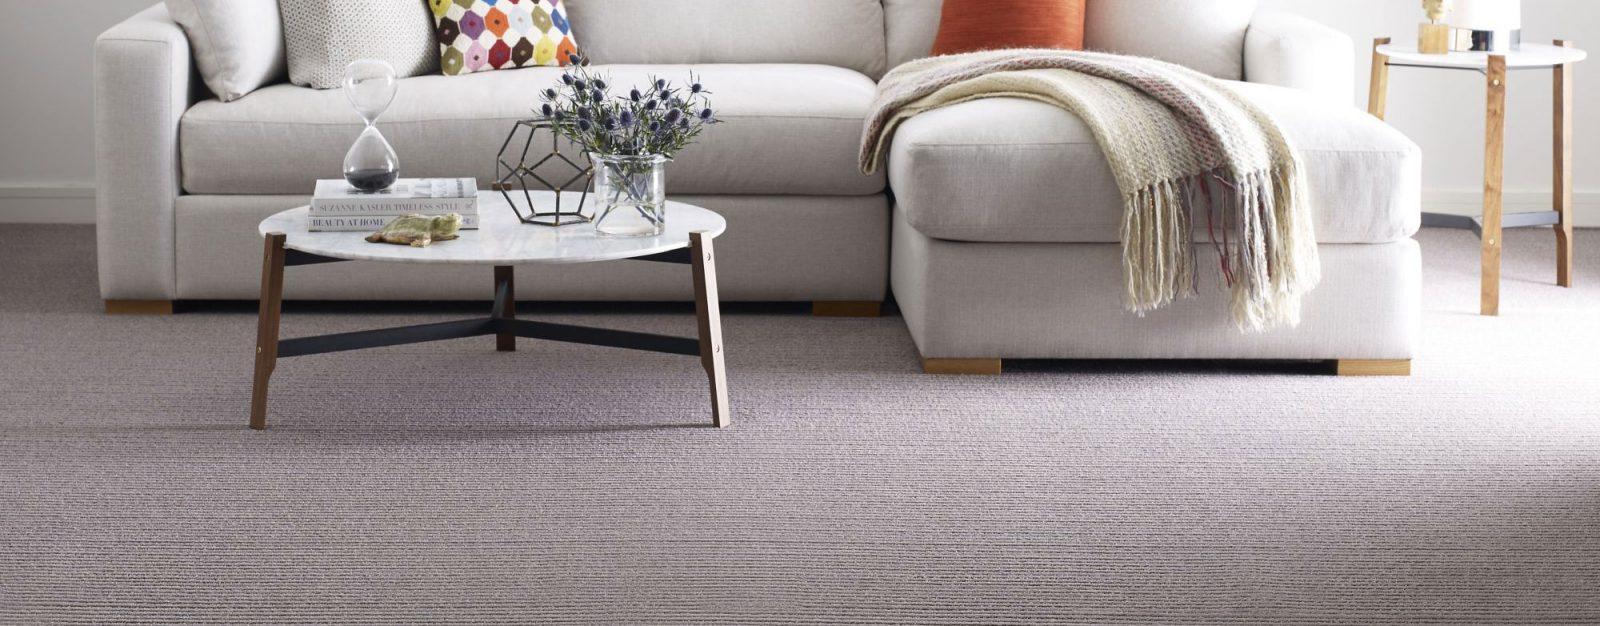 Carpet flooring for living room | The Floor Store